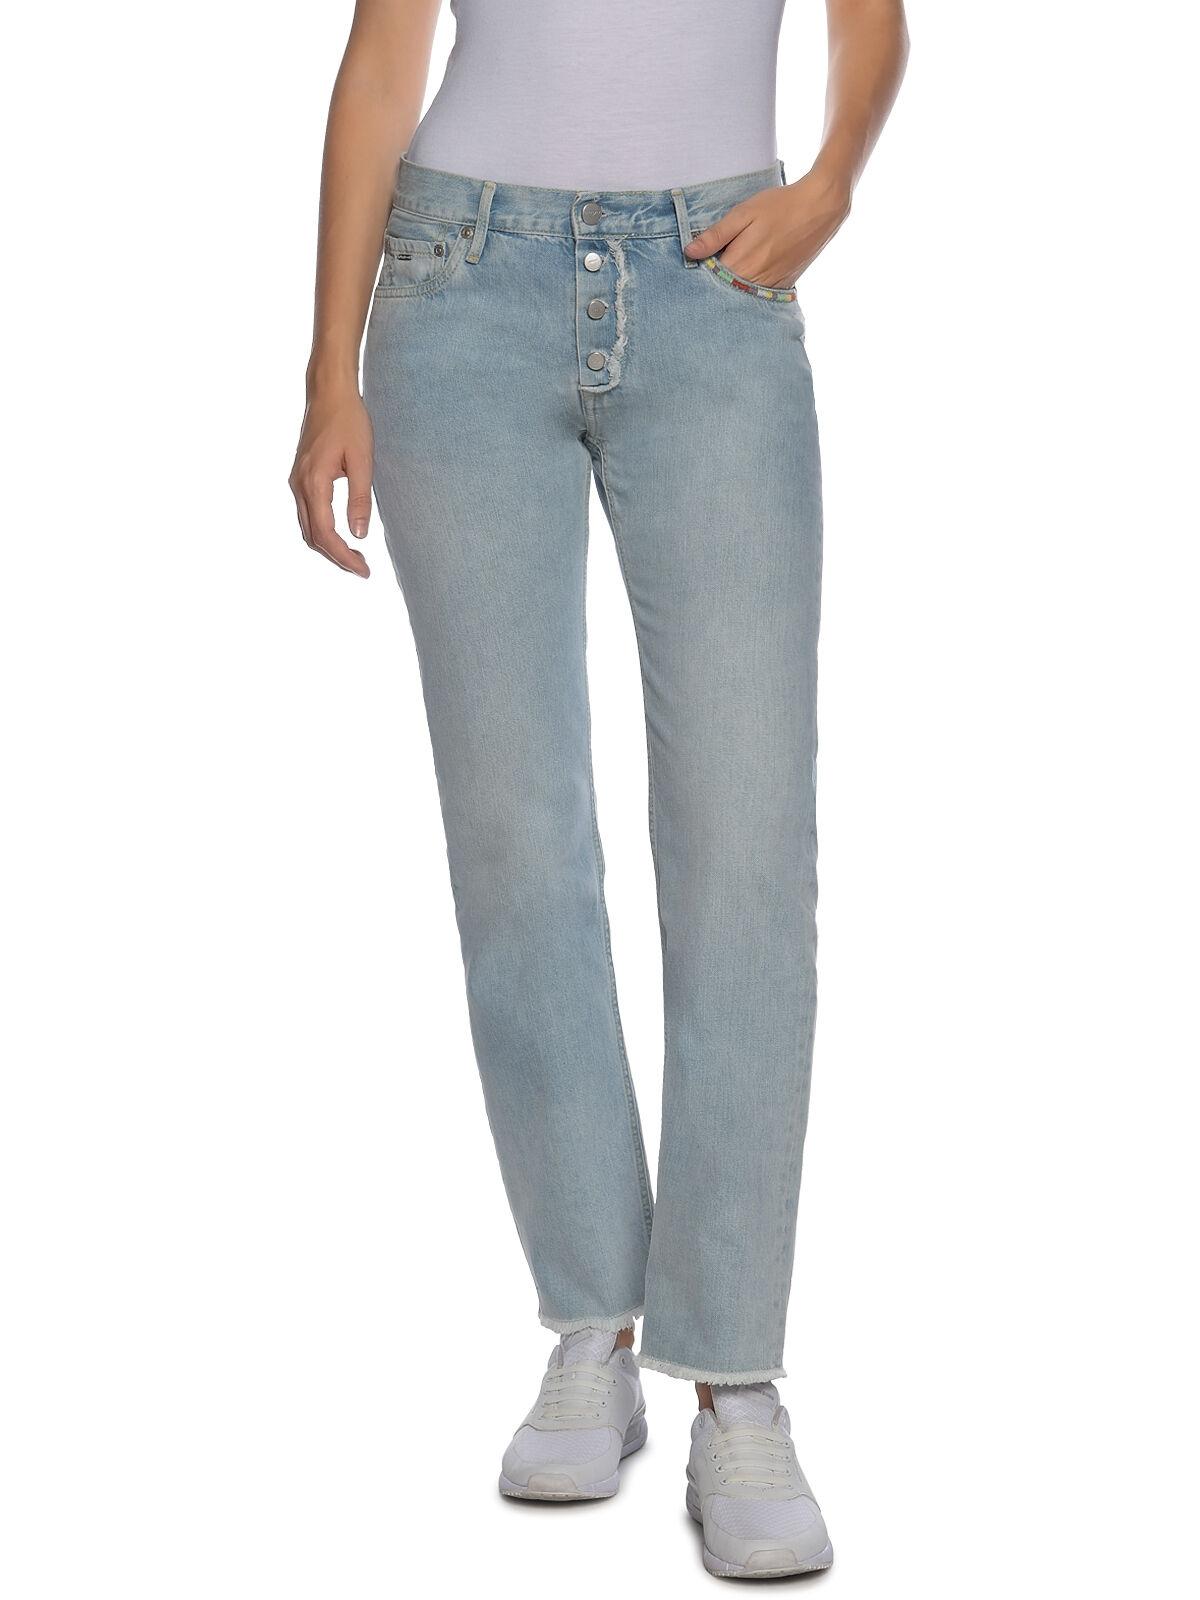 Betsie Bonita Jeans